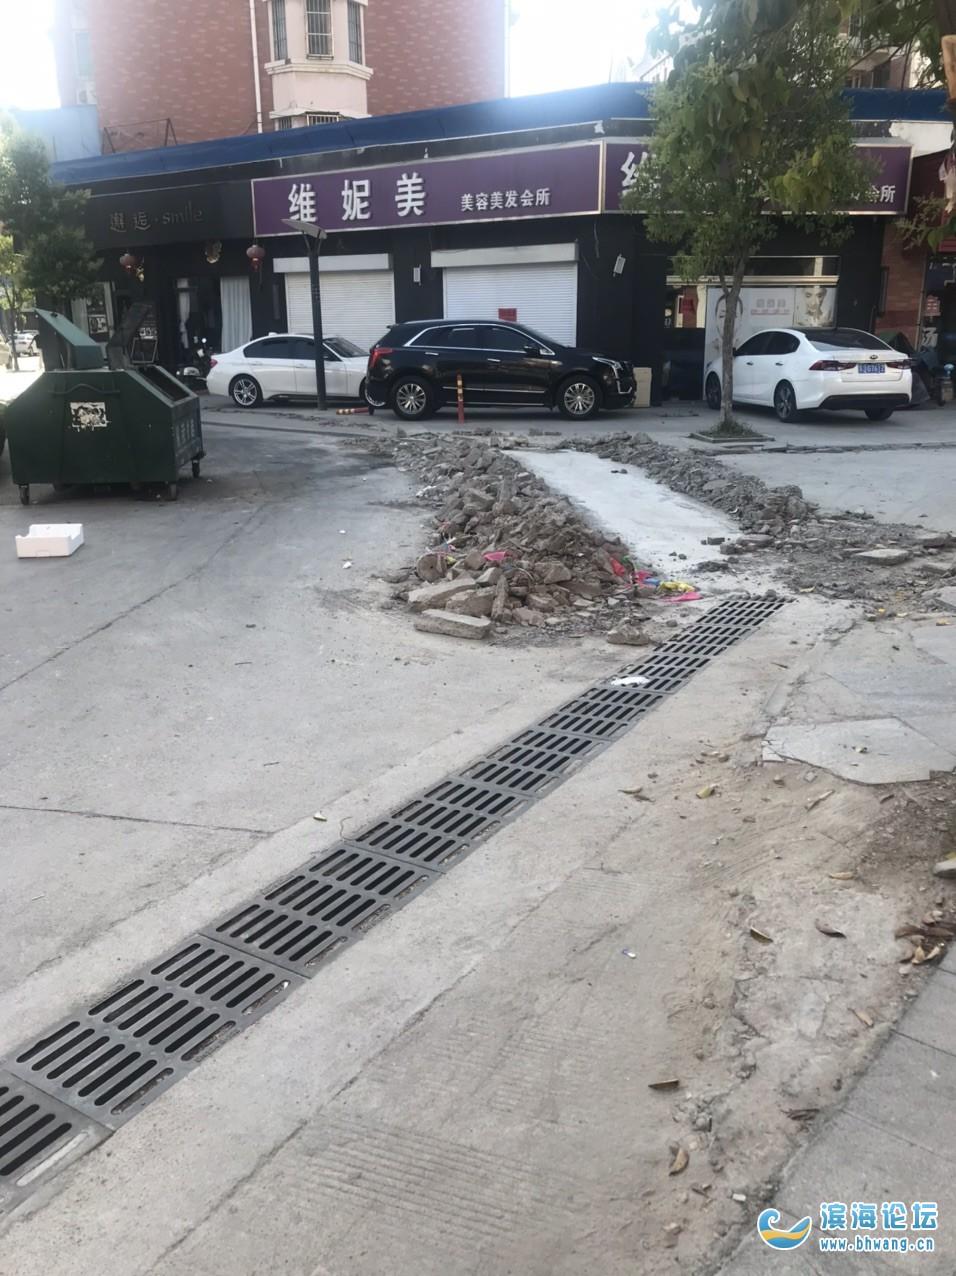 新时代下水道工程,半年都修不好,道路三天二天封路